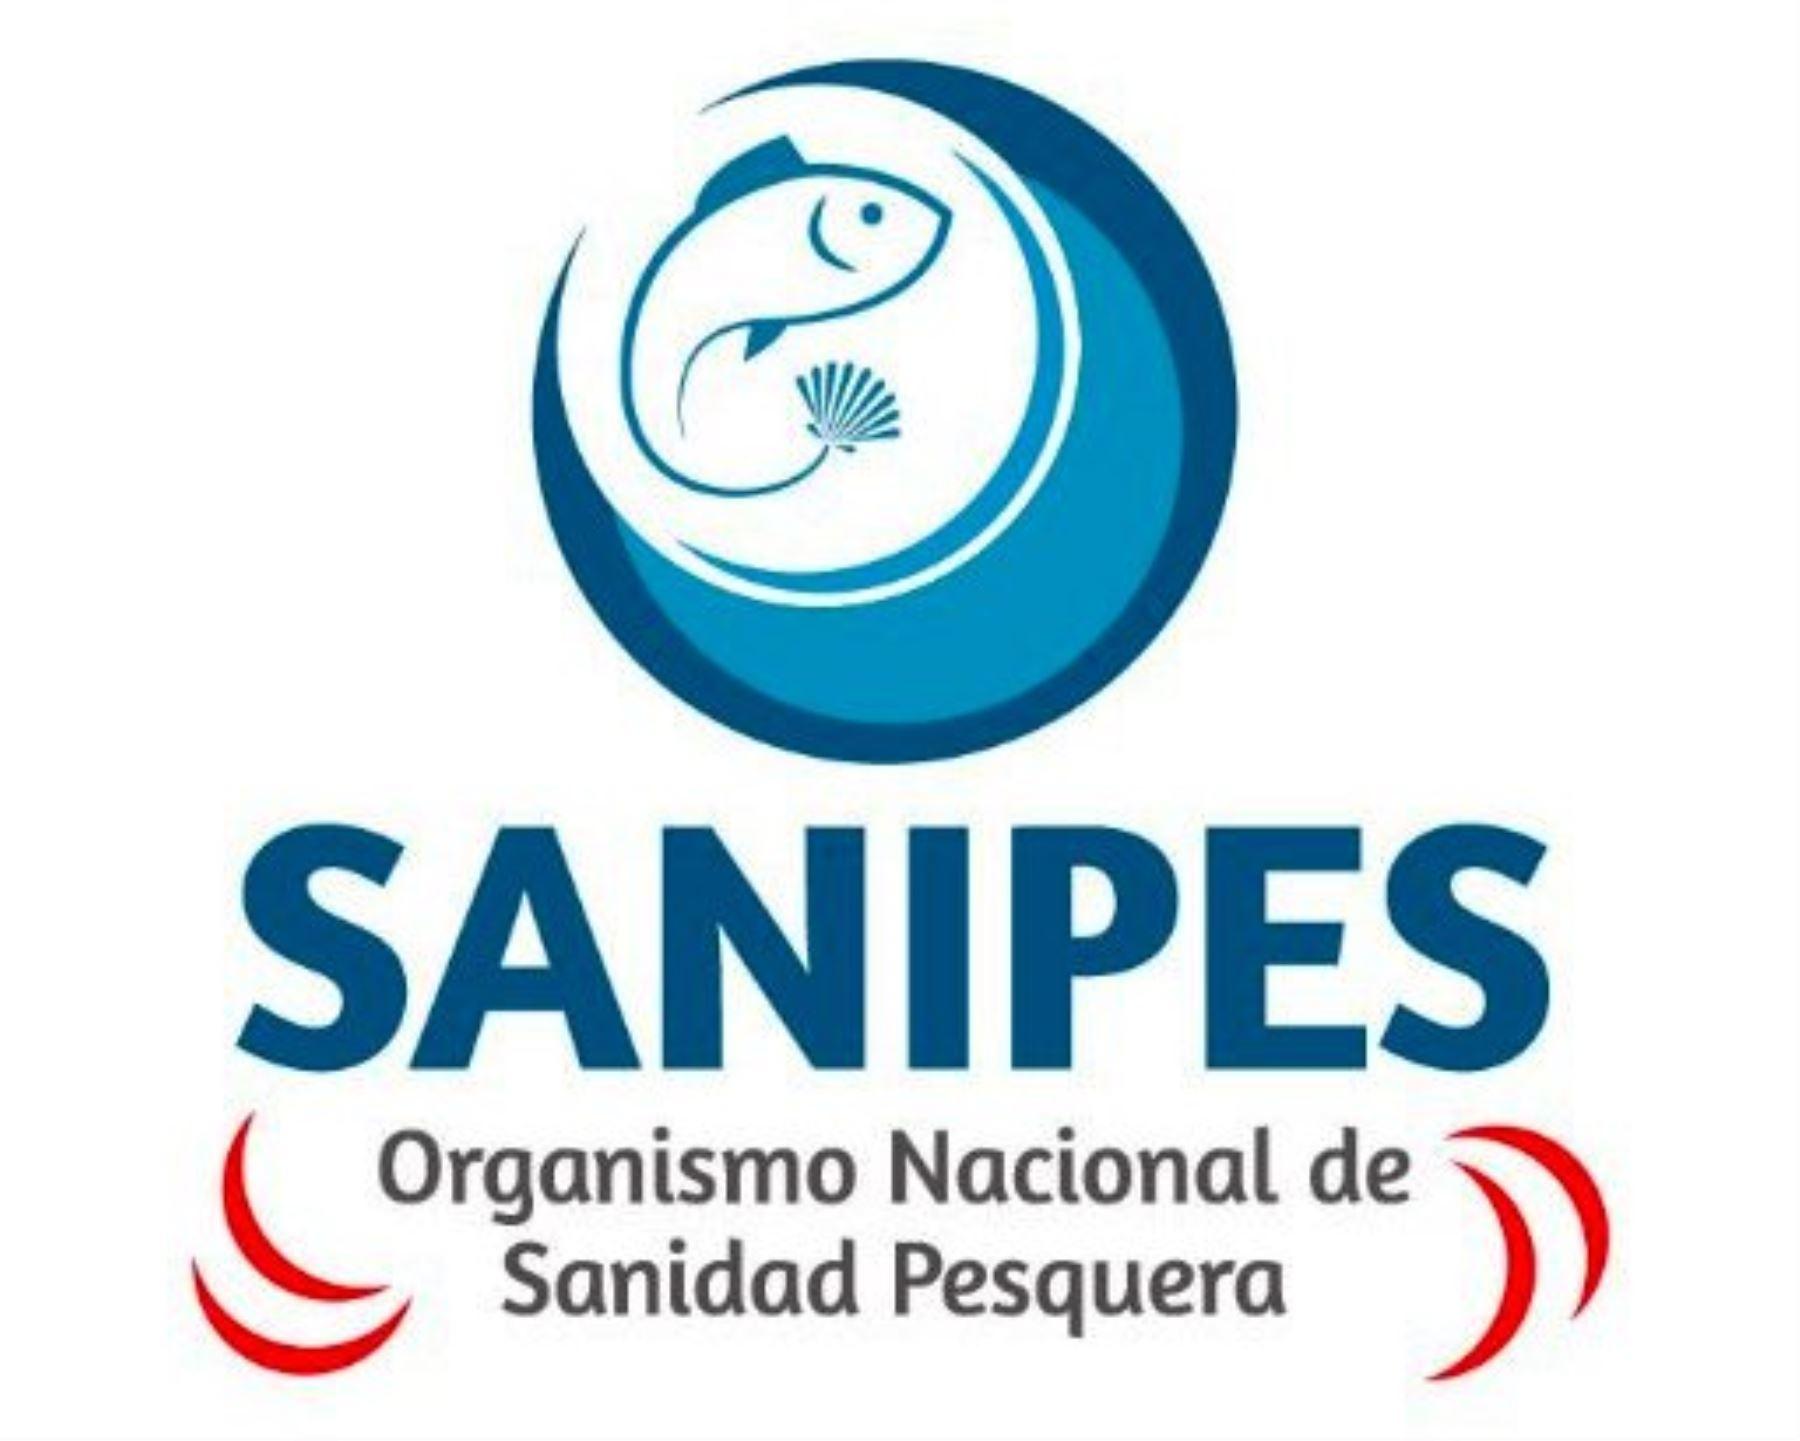 Sanipes pide no consumir conservas de caballa de otra empresa china. Foto: ANDINA/Internet.